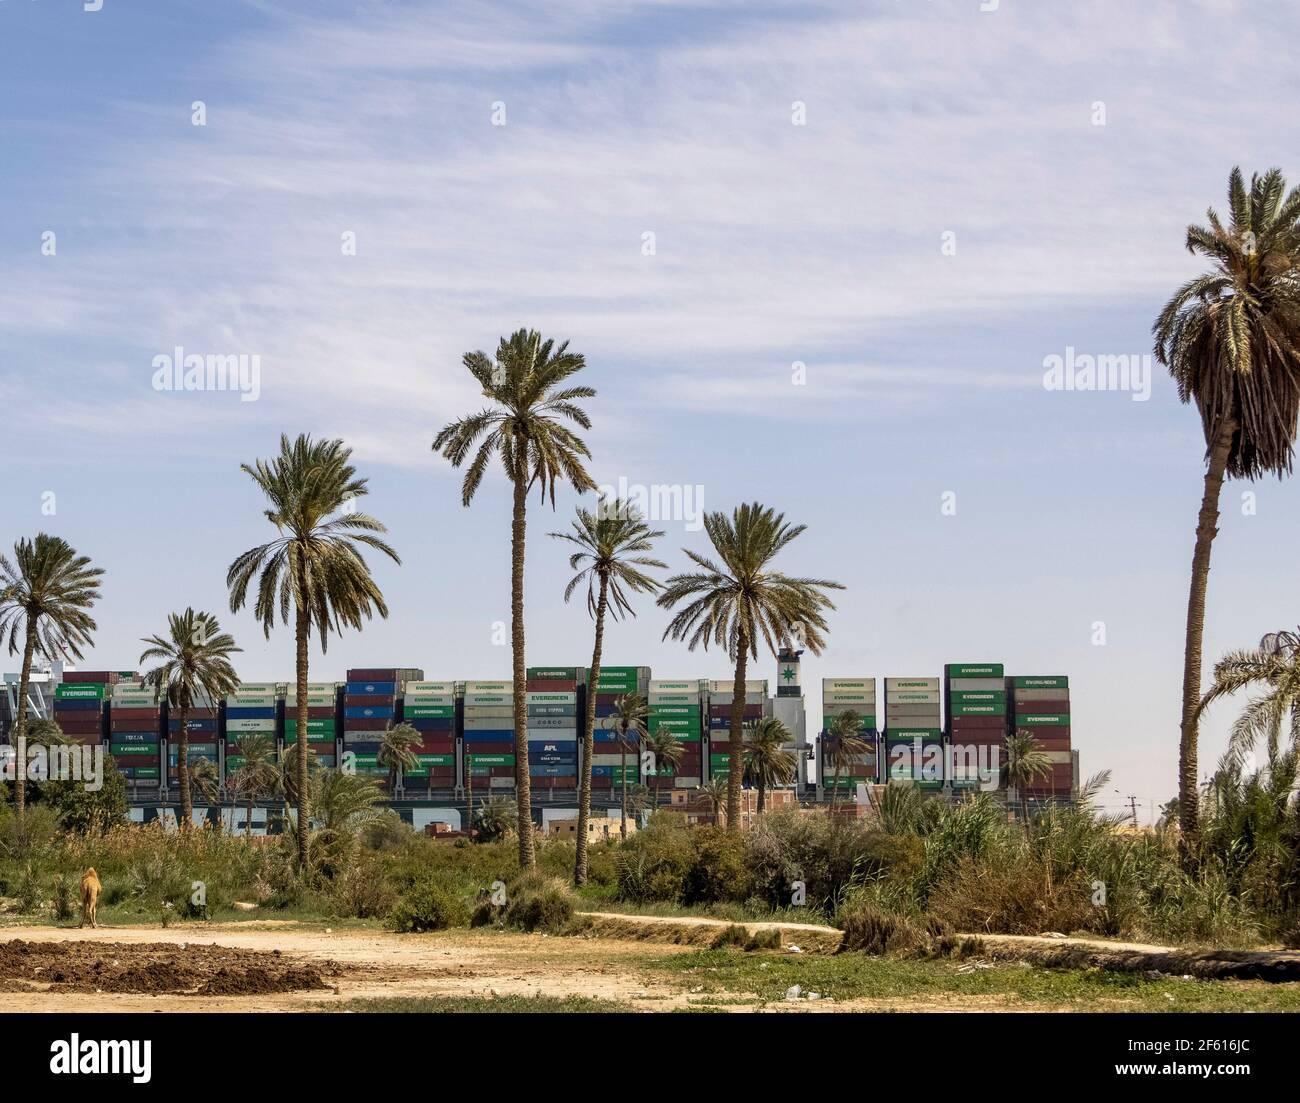 Village de Manshiat al-Rahula, près de Suez, Égypte. 29 mars 2021. Le Evergid flotte enfin parallèle au canal de Suez pendant qu'un chameau regarde dessus. B. O'KANE/A. Banque D'Images